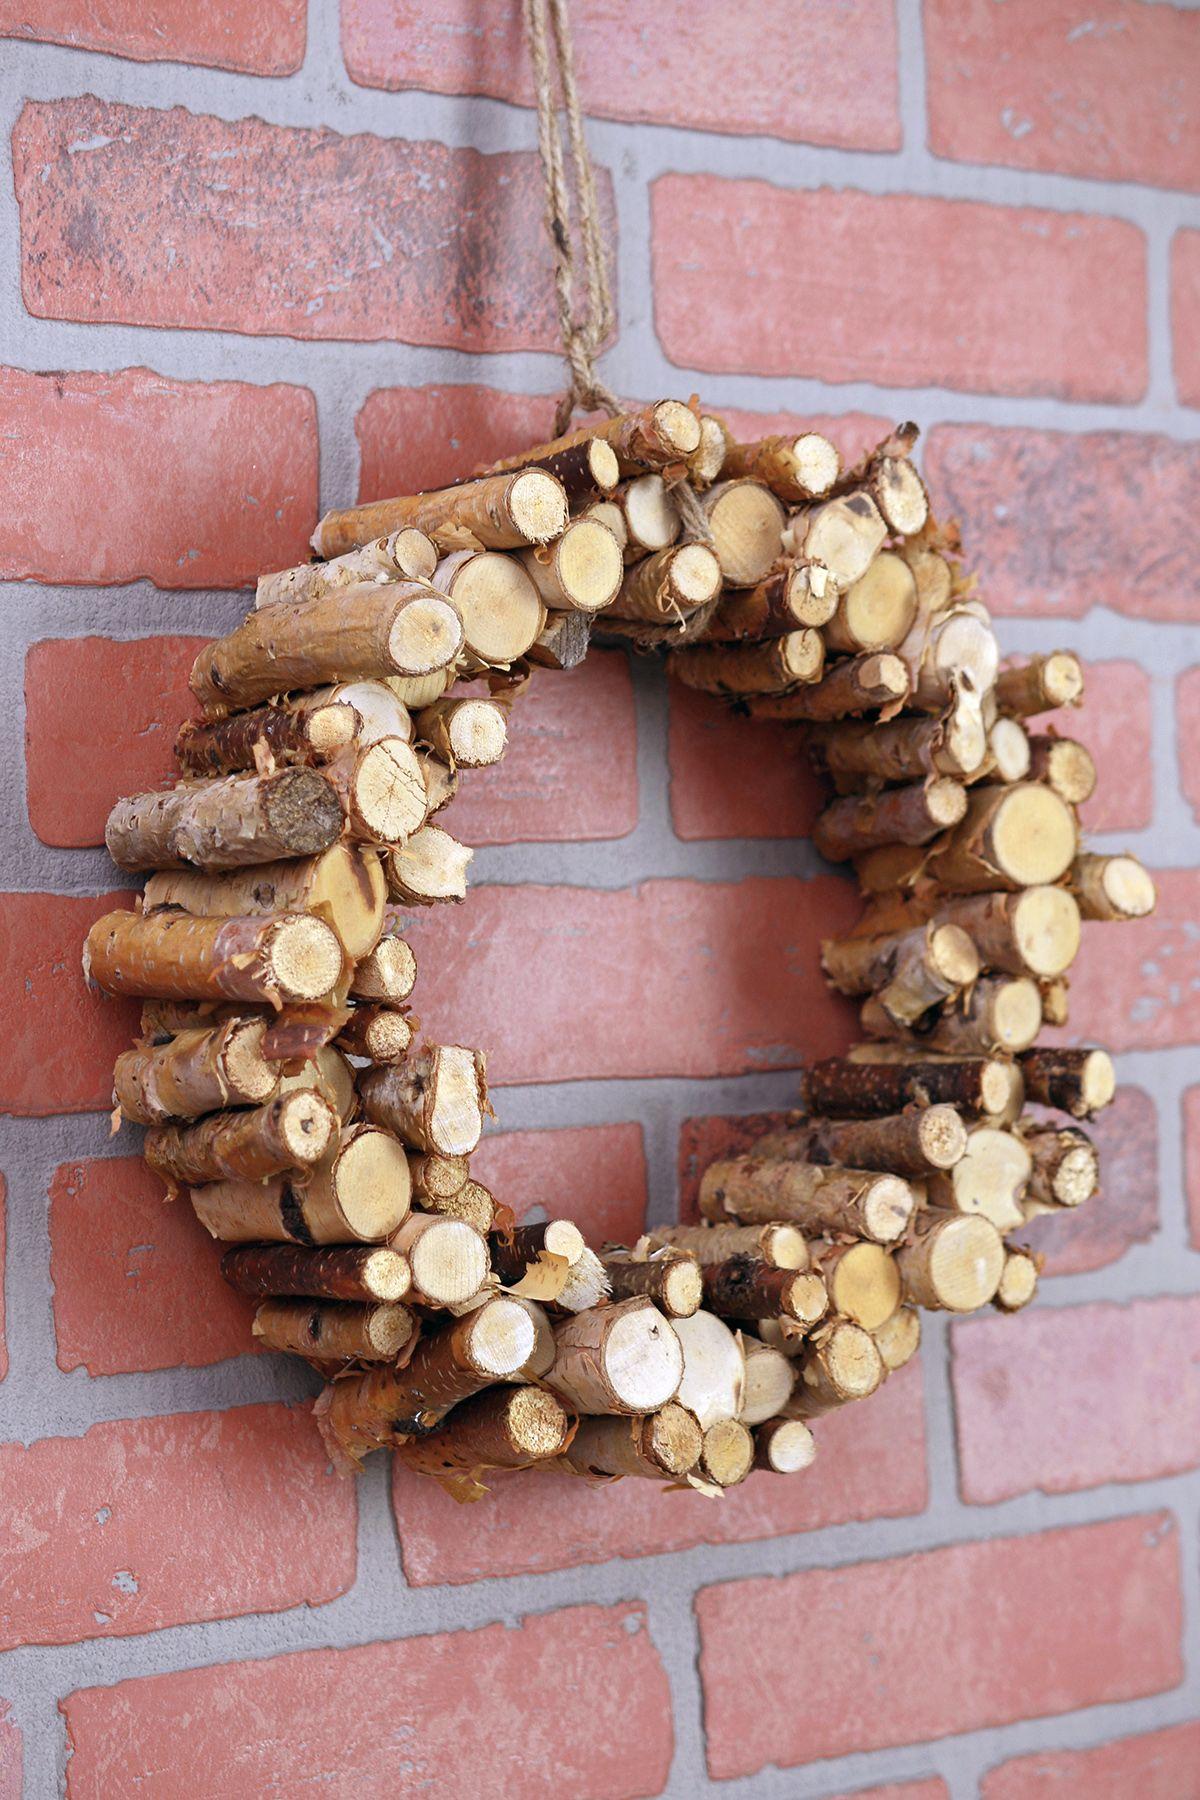 Die Anregungen Zum Frühlingsdeko Basteln Mit Naturmaterialien Sind In Drei  Gruppen Eingeteilt: Sie Können Basteln Mit Ästen Und Zweigen Oder Holz,  Sowie Mit